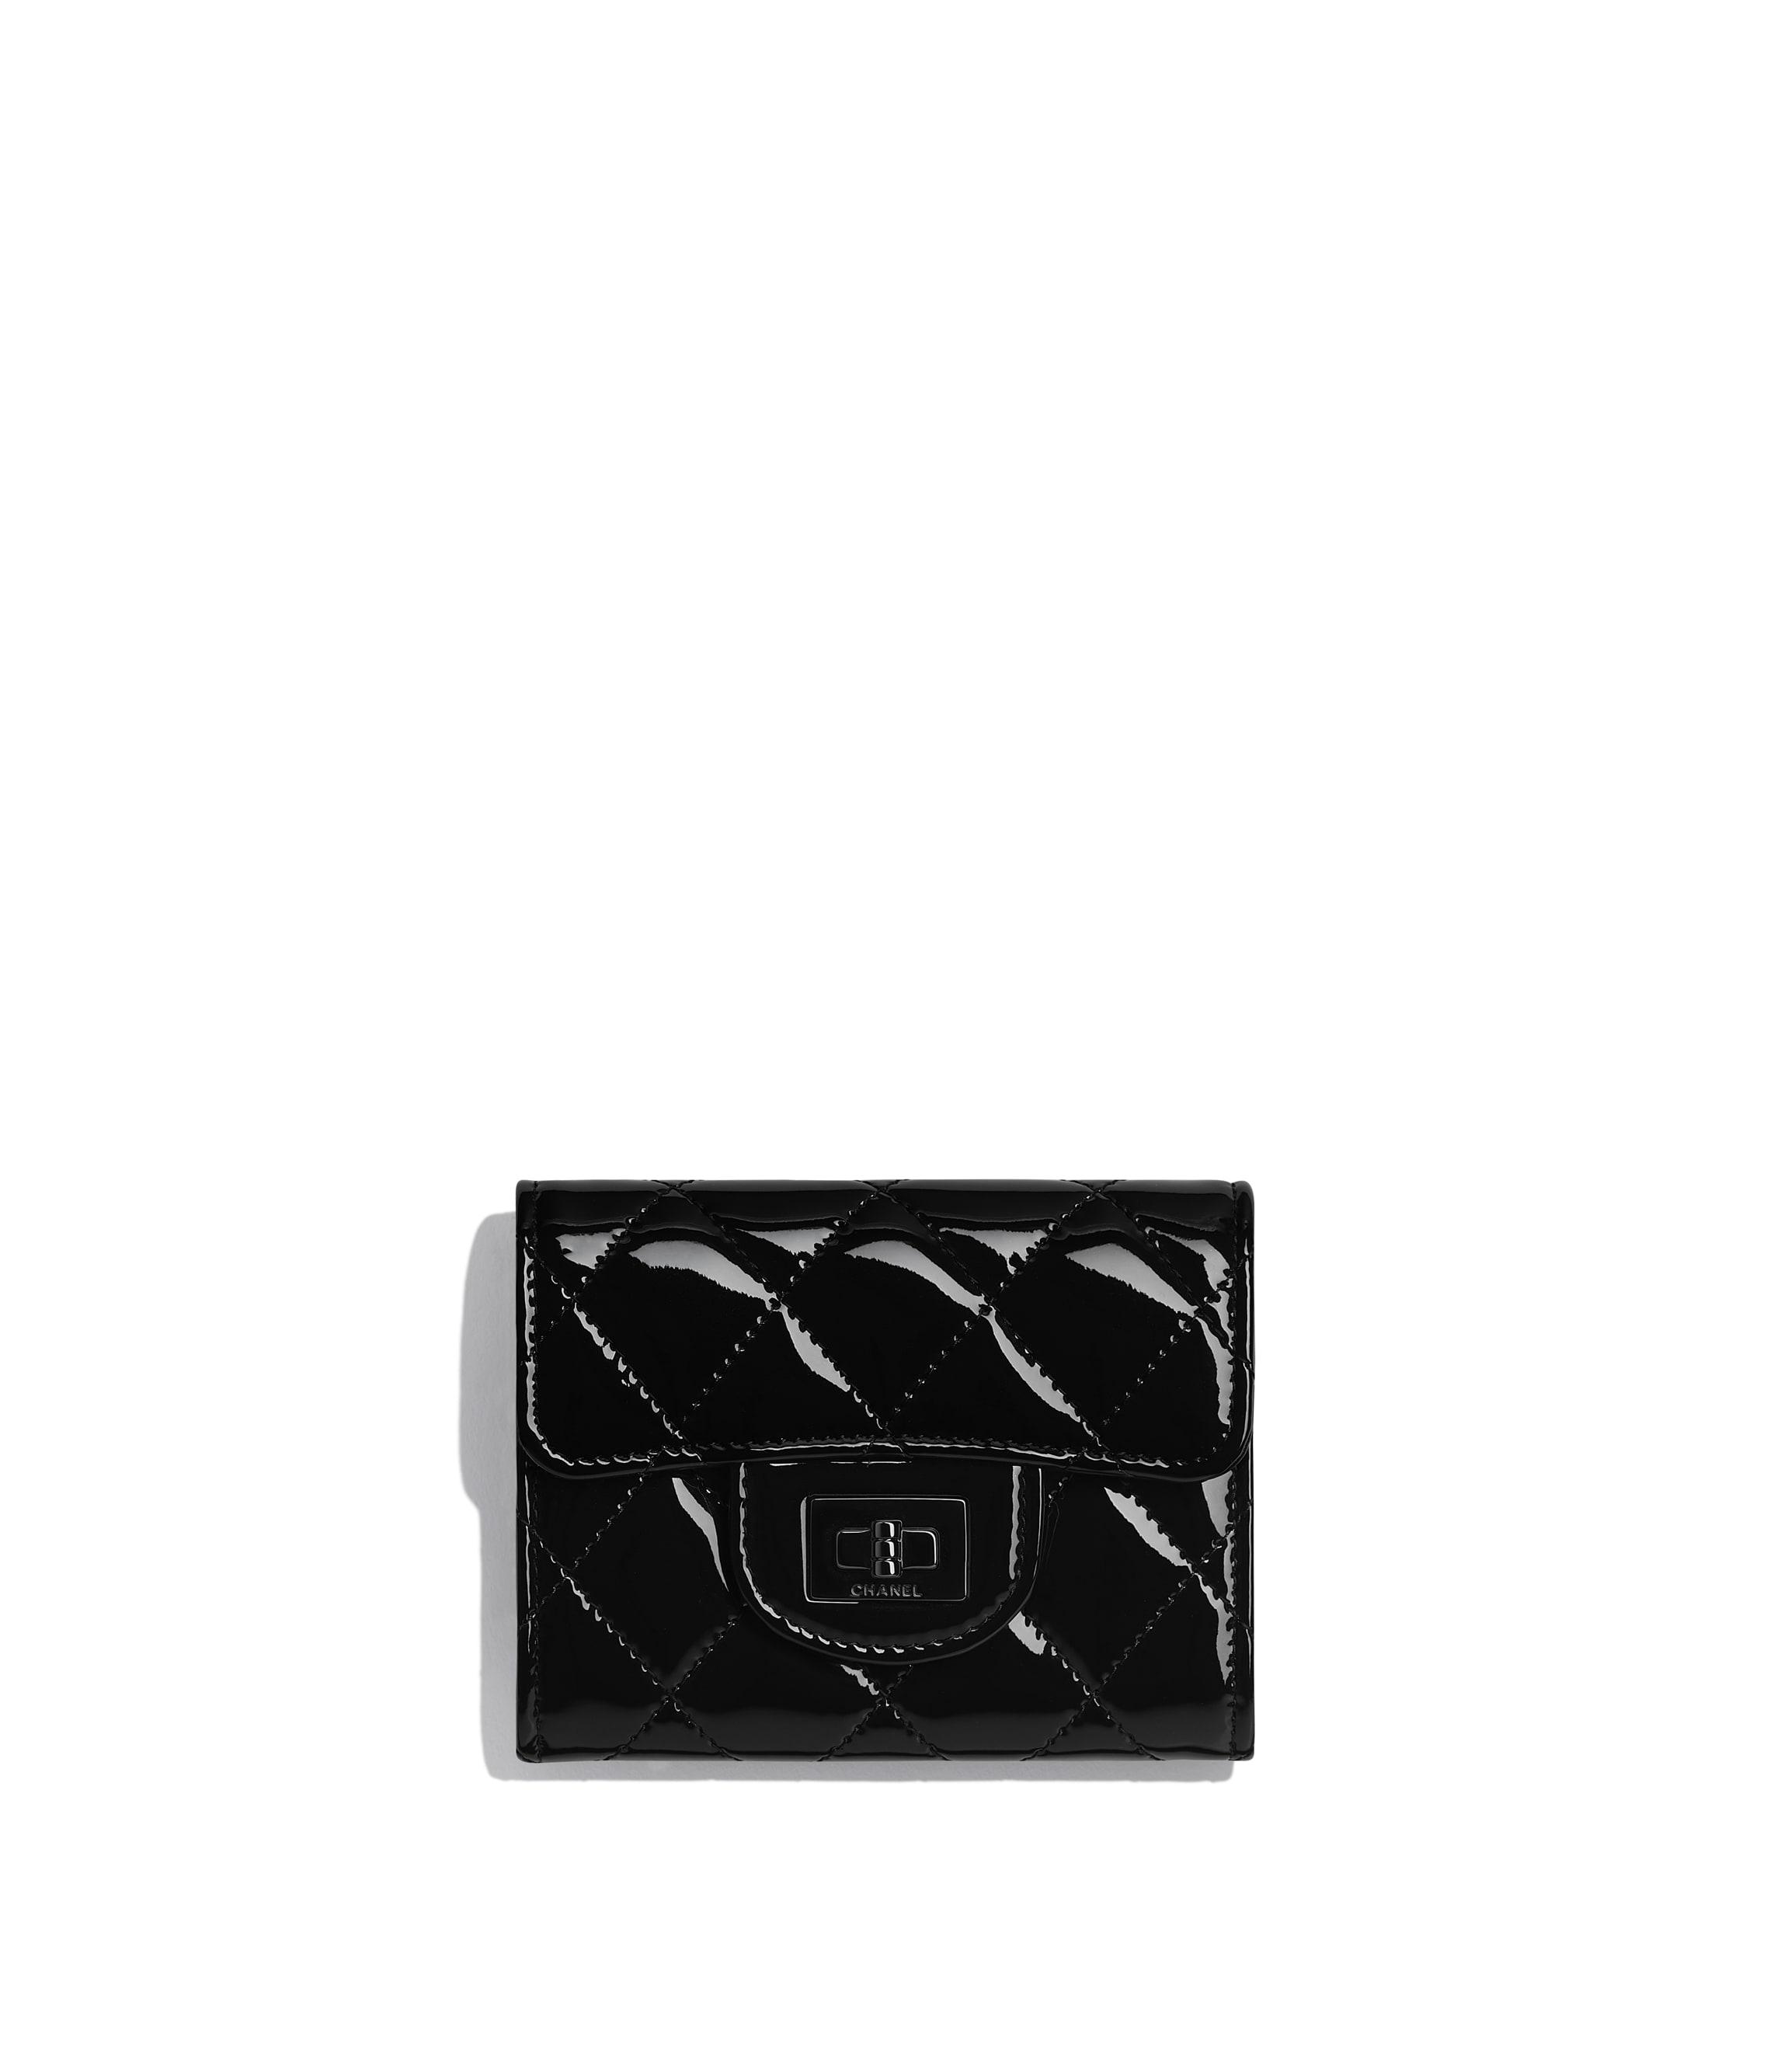 유럽직배송 샤넬 CHANEL 2.55 Flap Coin Purse A80234B0228194305